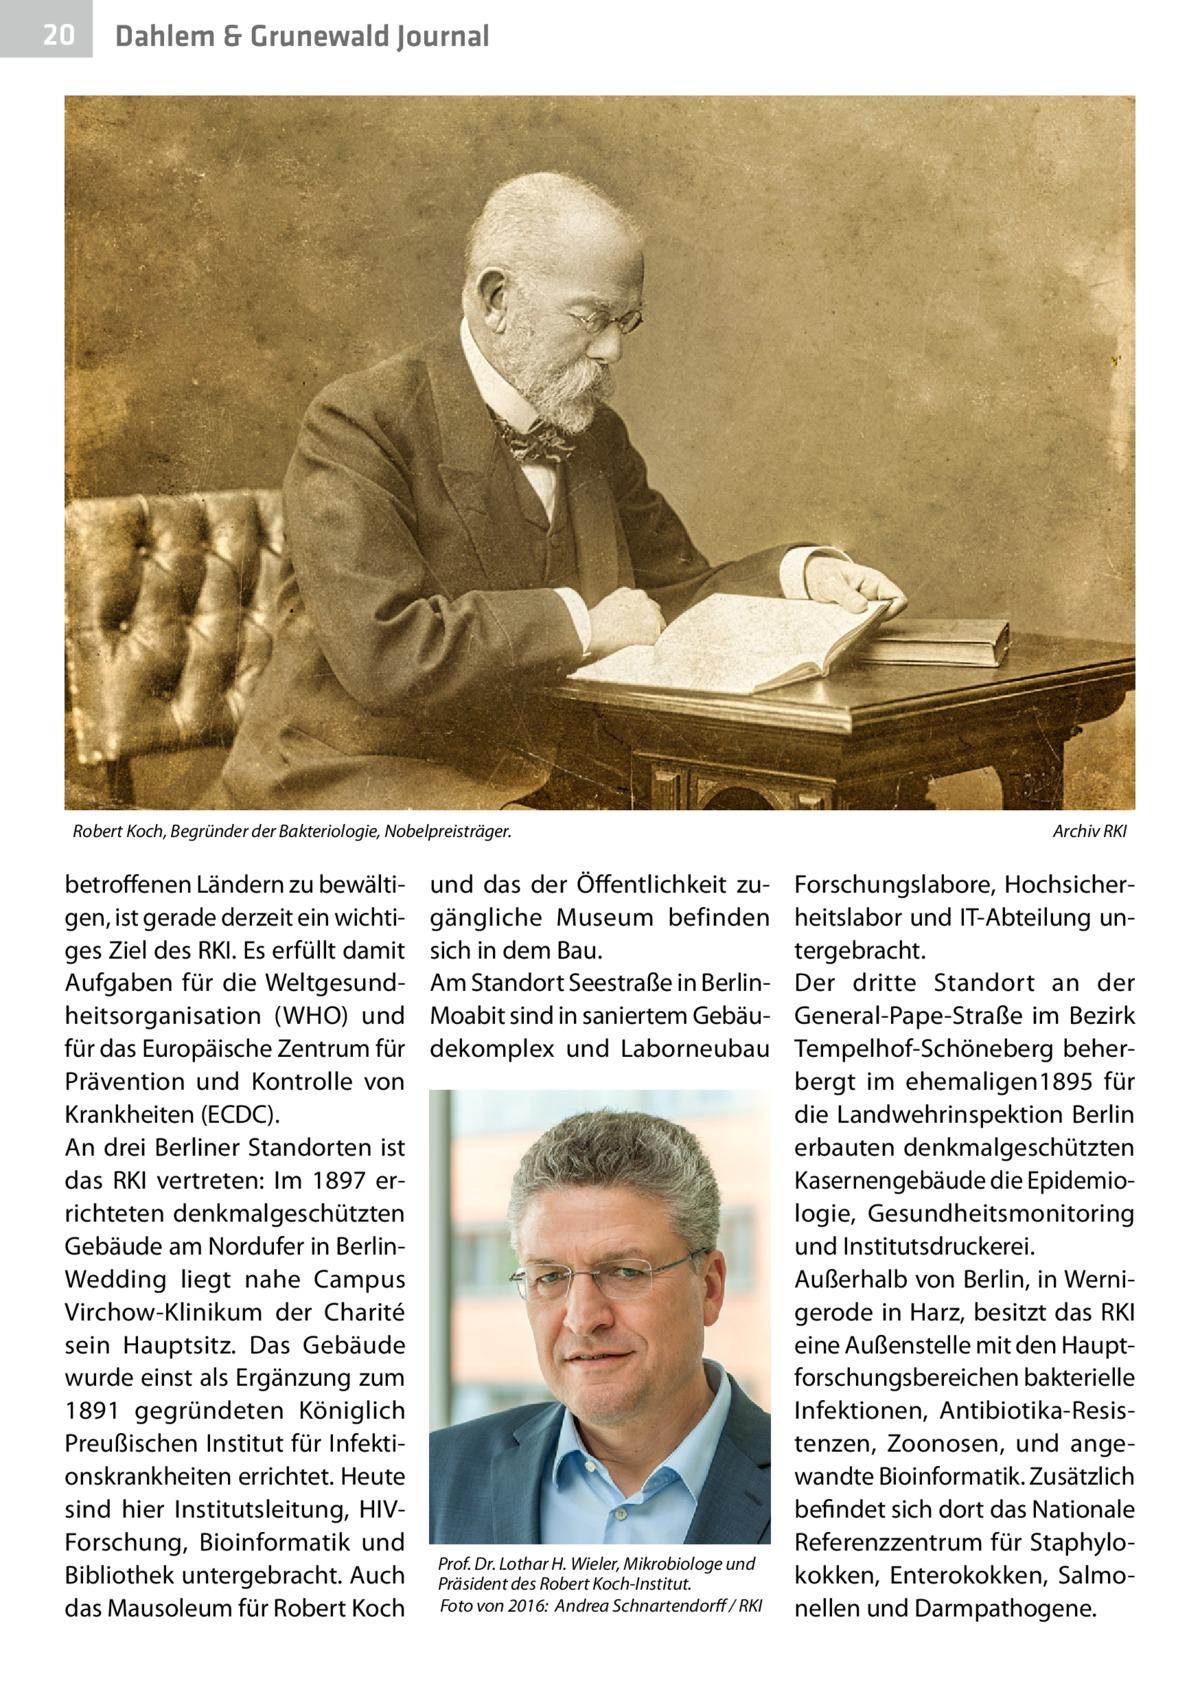 20  Dahlem & Grunewald Journal  Robert Koch, Begründer der Bakteriologie, Nobelpreisträger. �  betroffenen Ländern zu bewältigen, ist gerade derzeit ein wichtiges Ziel des RKI. Es erfüllt damit Aufgaben für die Weltgesundheitsorganisation (WHO) und für das Europäische Zentrum für Prävention und Kontrolle von Krankheiten (ECDC). An drei Berliner Standorten ist das RKI vertreten: Im 1897 errichteten denkmalgeschützten Gebäude am Nordufer in BerlinWedding liegt nahe Campus Virchow-Klinikum der Charité sein Hauptsitz. Das Gebäude wurde einst als Ergänzung zum 1891 gegründeten Königlich Preußischen Institut für Infektionskrankheiten errichtet. Heute sind hier Institutsleitung, HIVForschung, Bioinformatik und Bibliothek untergebracht. Auch das Mausoleum für Robert Koch  und das der Öffentlichkeit zugängliche Museum befinden sich in dem Bau. Am Standort Seestraße in BerlinMoabit sind in saniertem Gebäudekomplex und Laborneubau  Prof.Dr.Lothar H. Wieler, Mikrobiologe und Präsident des Robert Koch-Institut. �Foto von 2016: Andrea Schnartendorff / RKI  Archiv RKI  Forschungslabore, Hochsicherheitslabor und IT-Abteilung untergebracht. Der dritte Standort an der General-Pape-Straße im Bezirk Tempelhof-Schöneberg beherbergt im ehemaligen1895 für die Landwehrinspektion Berlin erbauten denkmalgeschützten Kasernengebäude die Epidemiologie, Gesundheitsmonitoring und Institutsdruckerei. Außerhalb von Berlin, in Wernigerode in Harz, besitzt das RKI eine Außenstelle mit den Hauptforschungsbereichen bakterielle Infektionen, Antibiotika-Resistenzen, Zoonosen, und angewandte Bioinformatik. Zusätzlich befindet sich dort das Nationale Referenzzentrum für Staphylokokken, Enterokokken, Salmonellen und Darmpathogene.